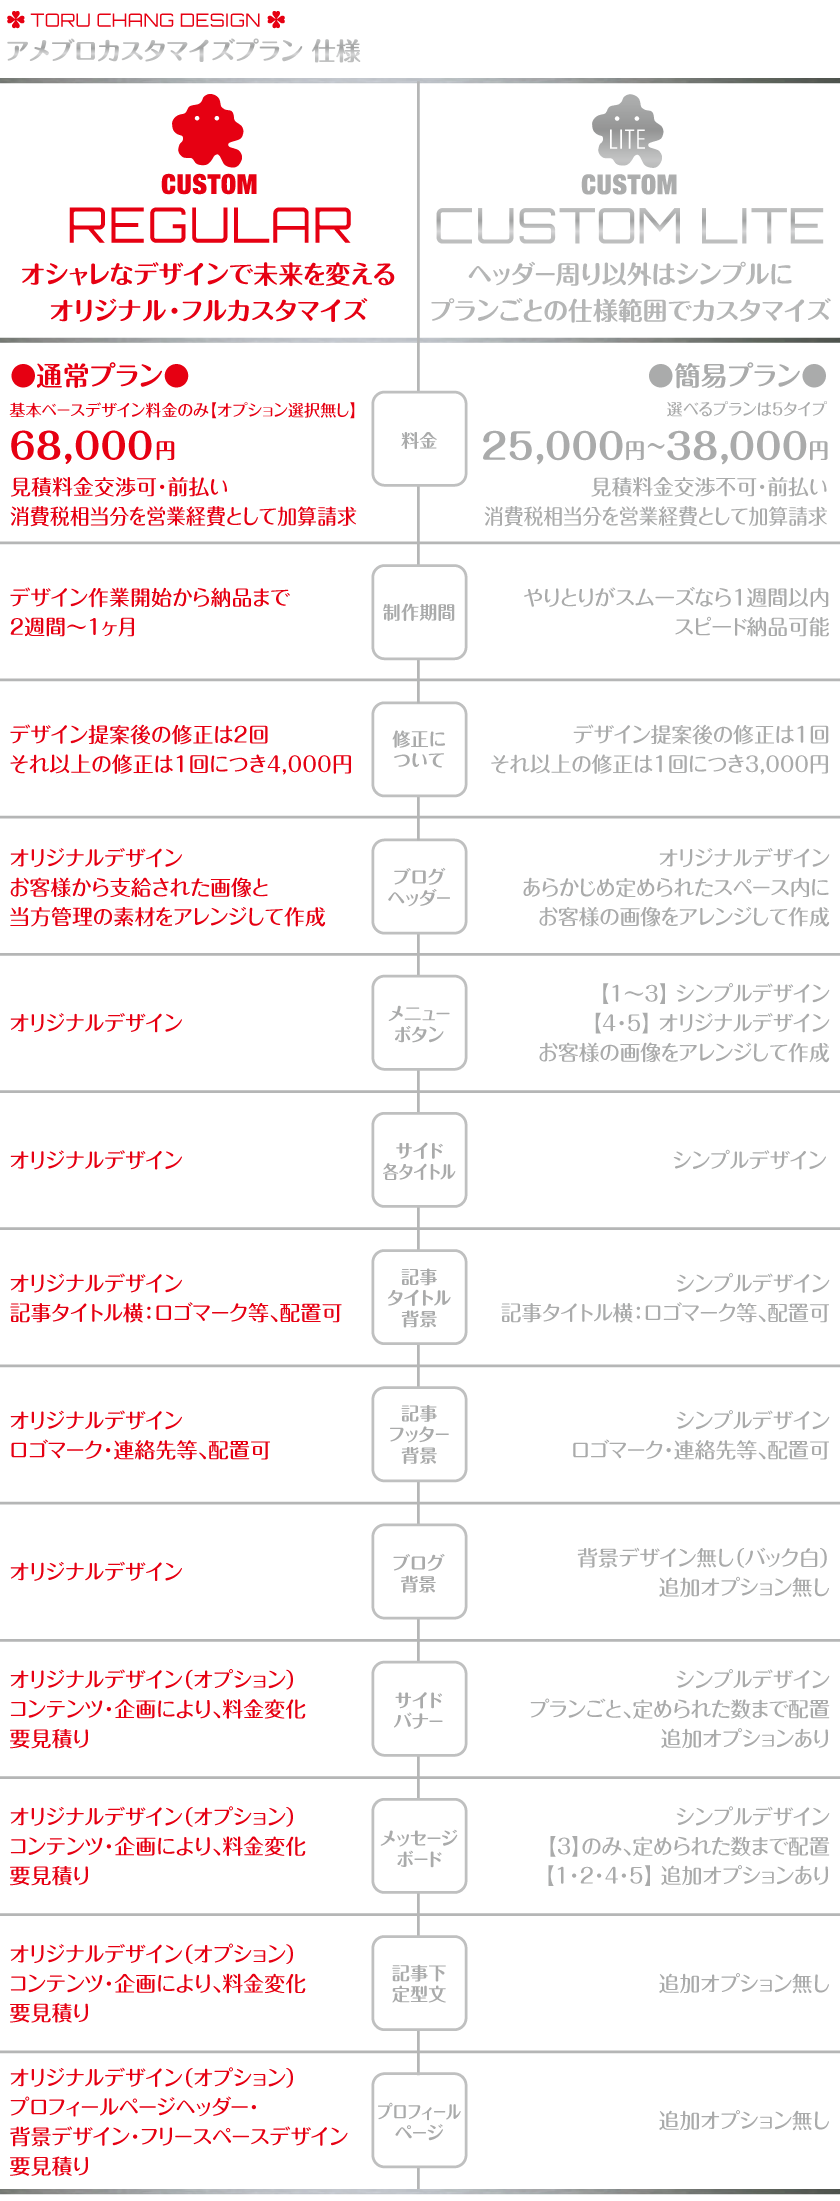 アメブロカスタマイズ_プラン別_料金・仕様_Ameblo,Ameba,フルカスタマイズ,toru chang